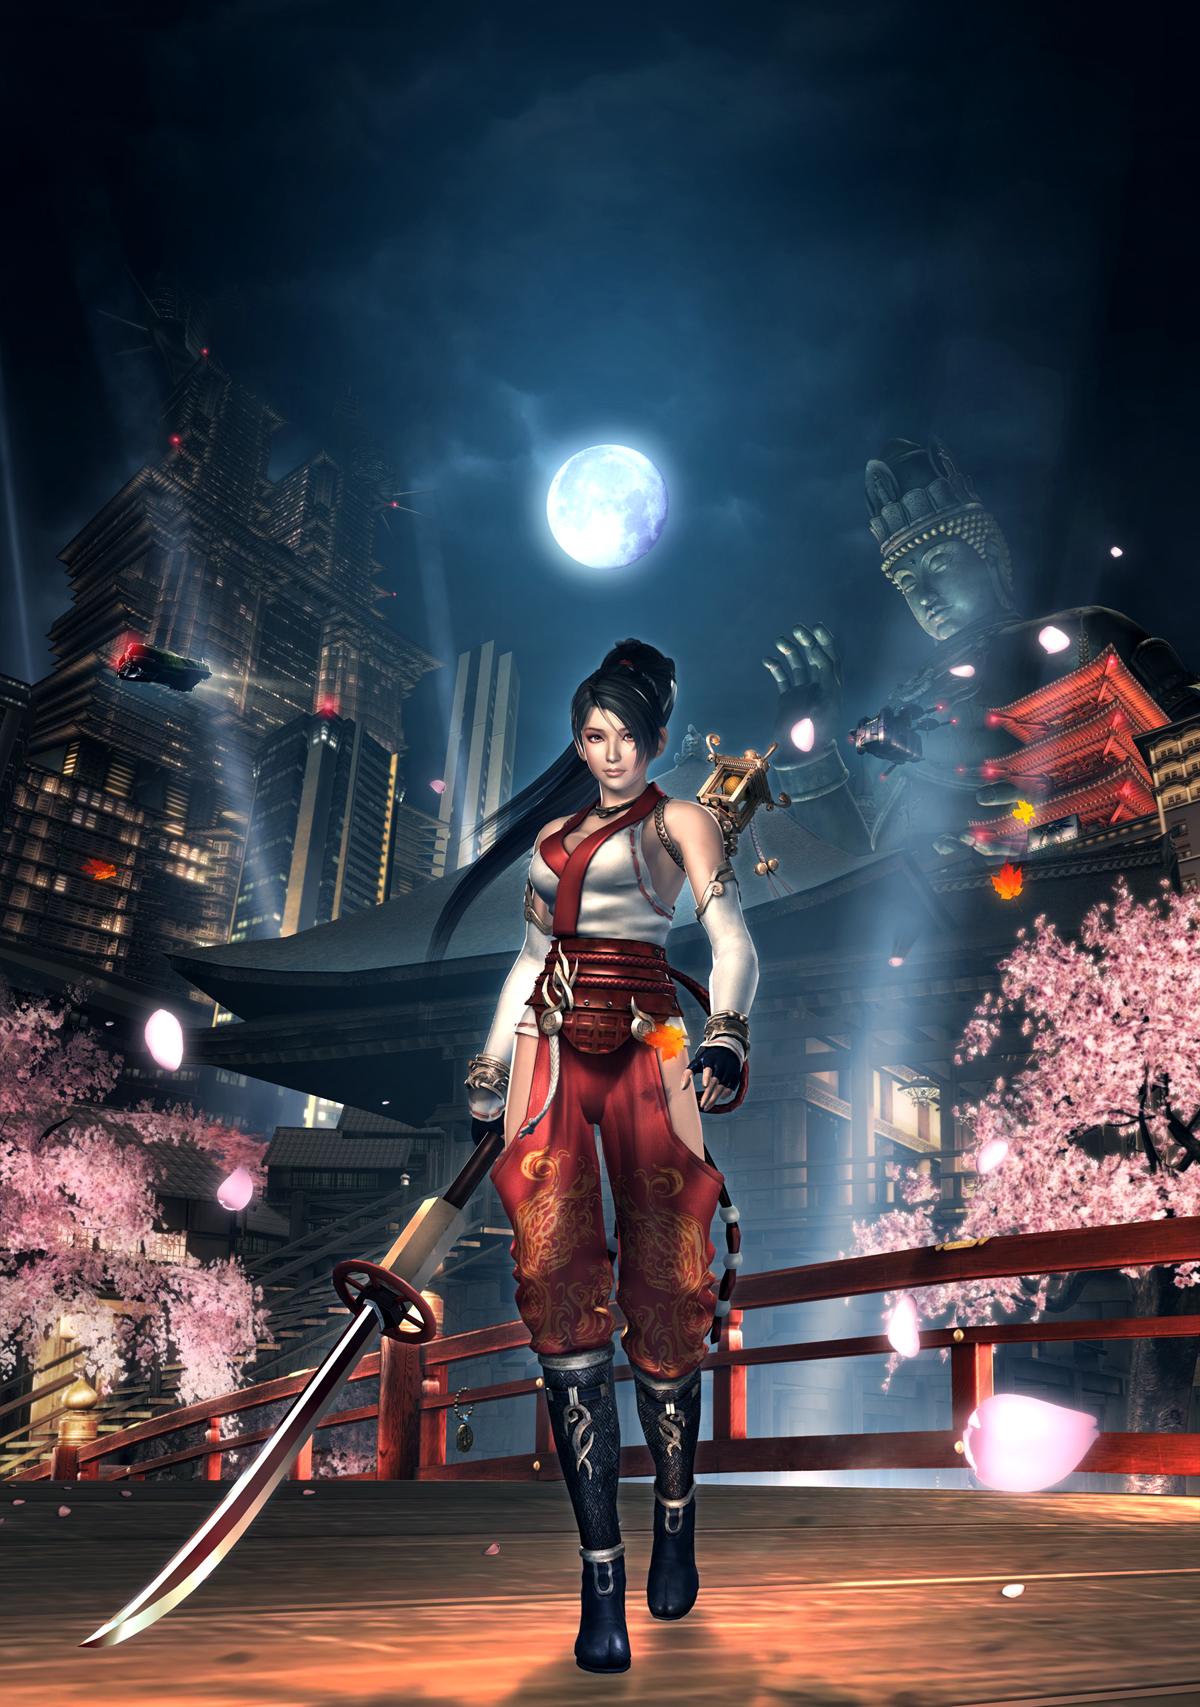 Momiji | Ninja Gaiden Wiki | FANDOM powered by Wikia